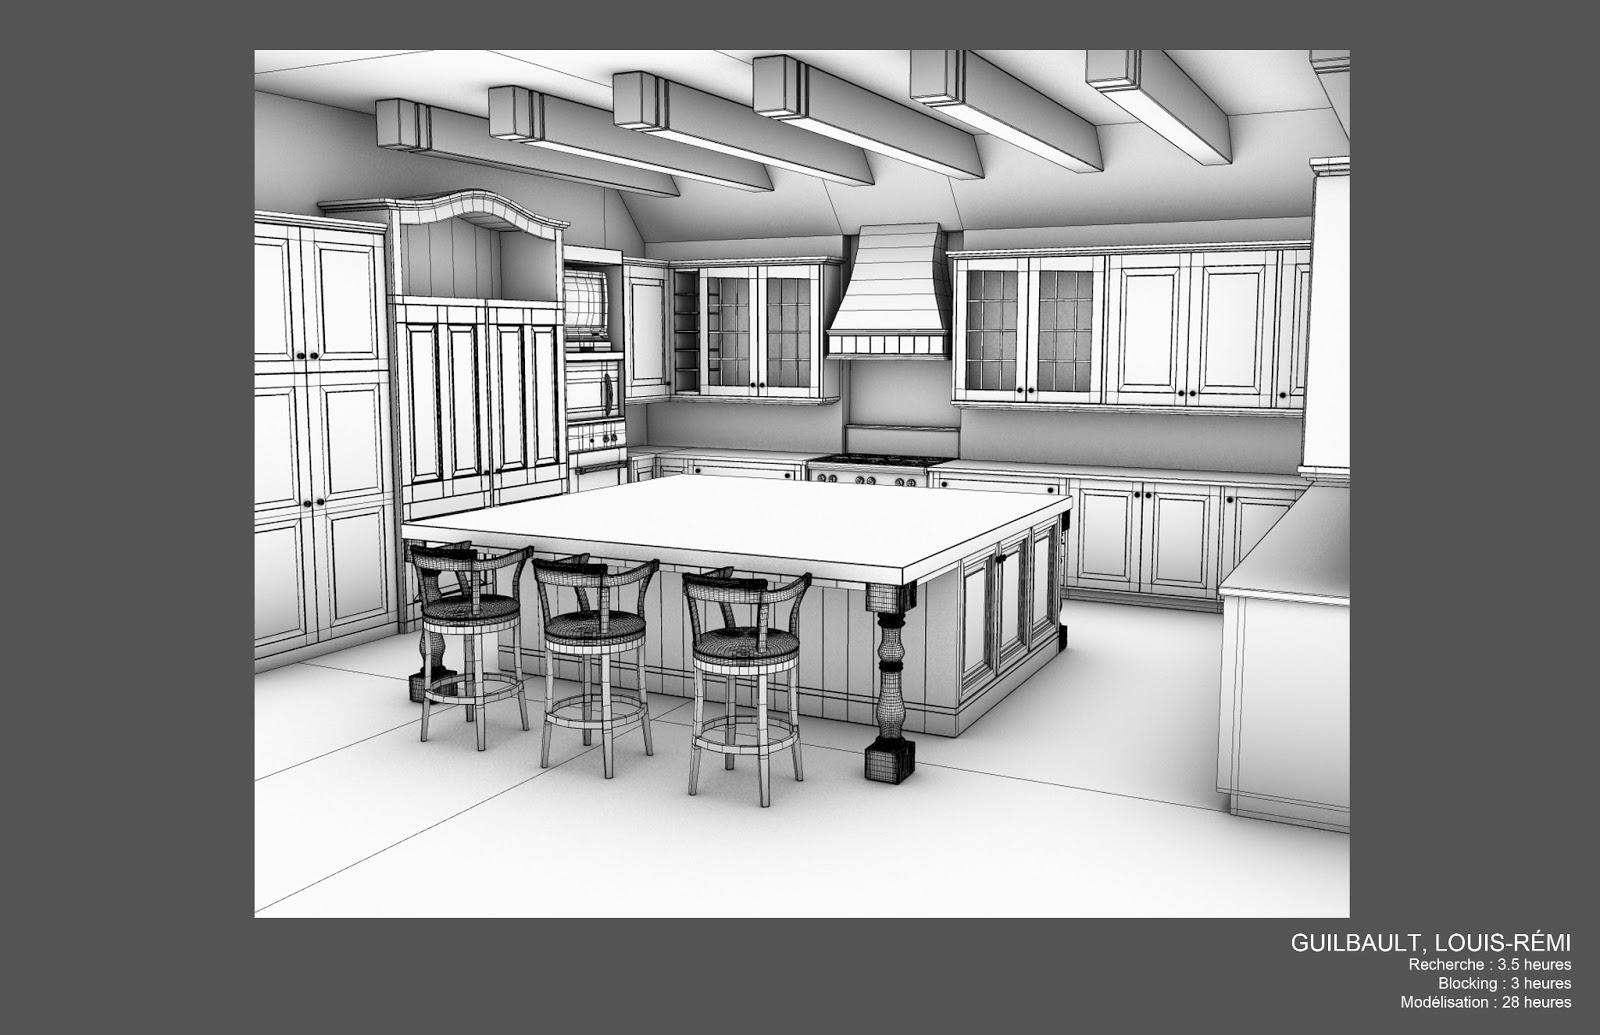 louis r mi guilbault mod lisation d 39 une cuisine 3d semaine 3. Black Bedroom Furniture Sets. Home Design Ideas